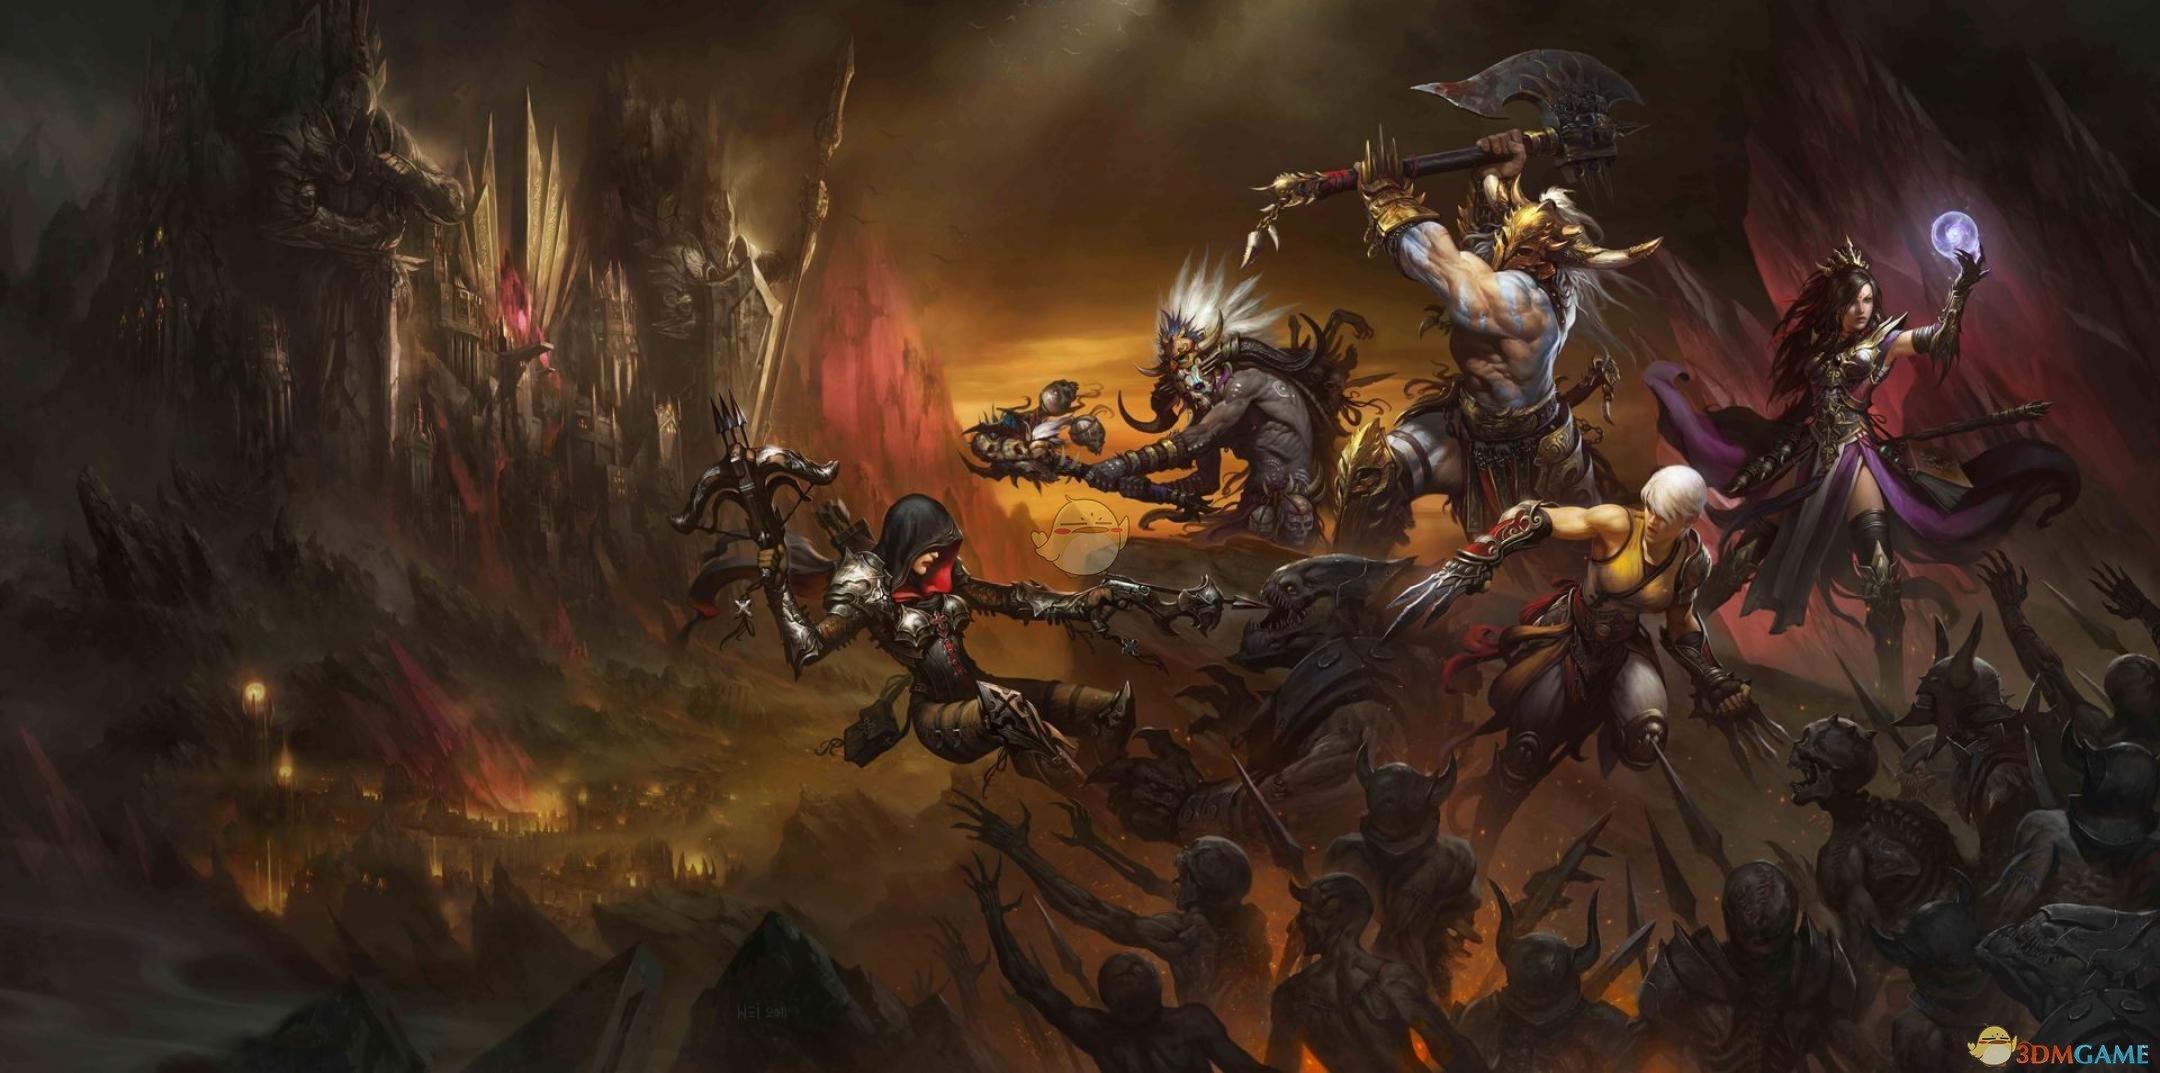 《暗黑破坏神3》猎魔人新套装效果分析